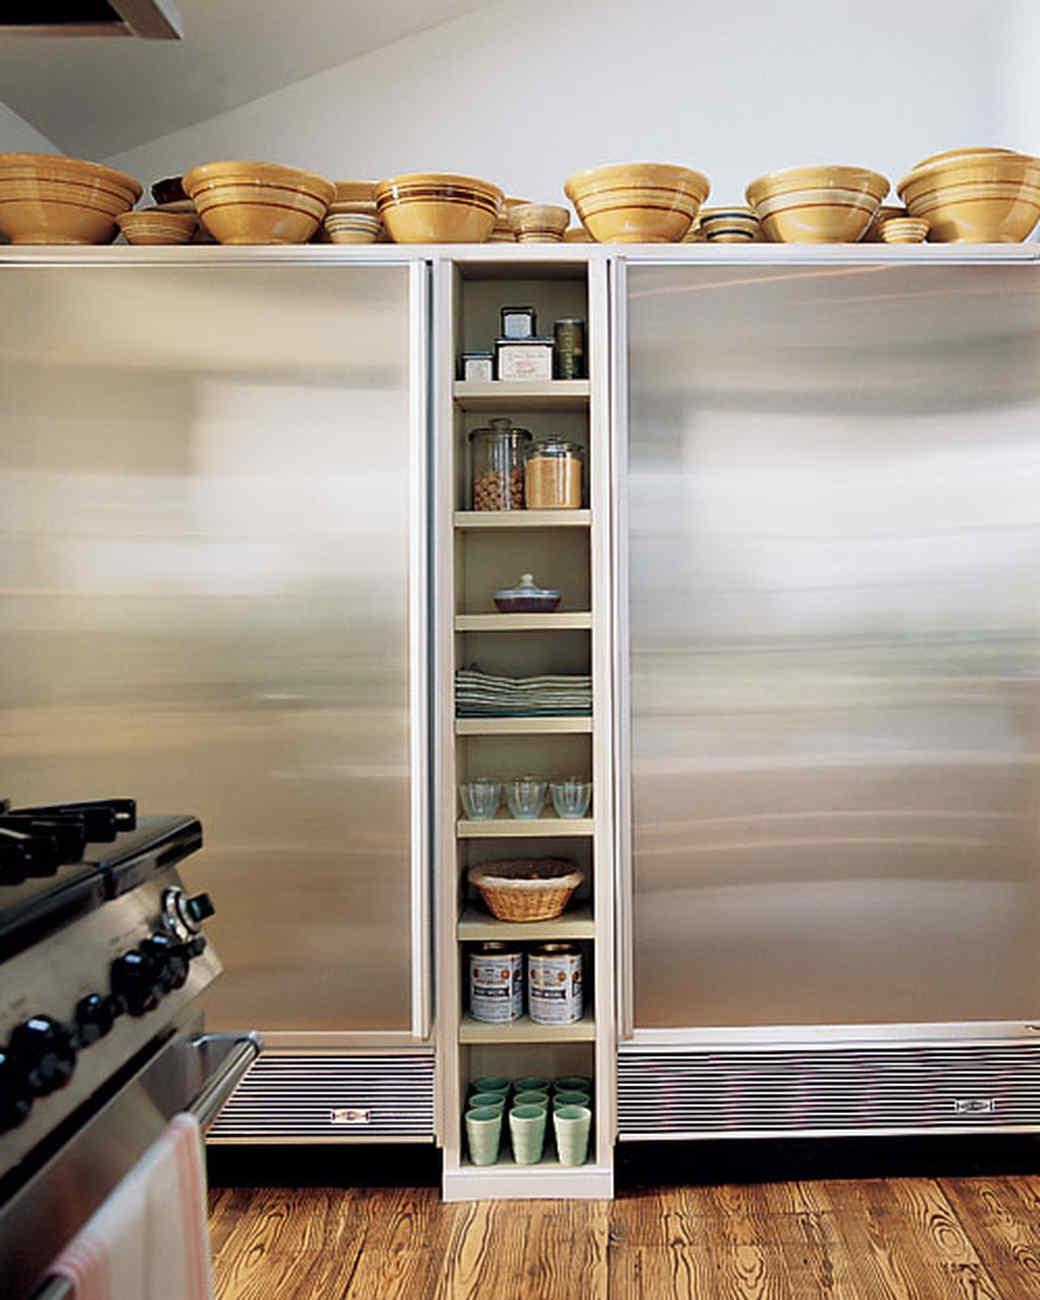 ml09m18_sept1996_fridge.jpg